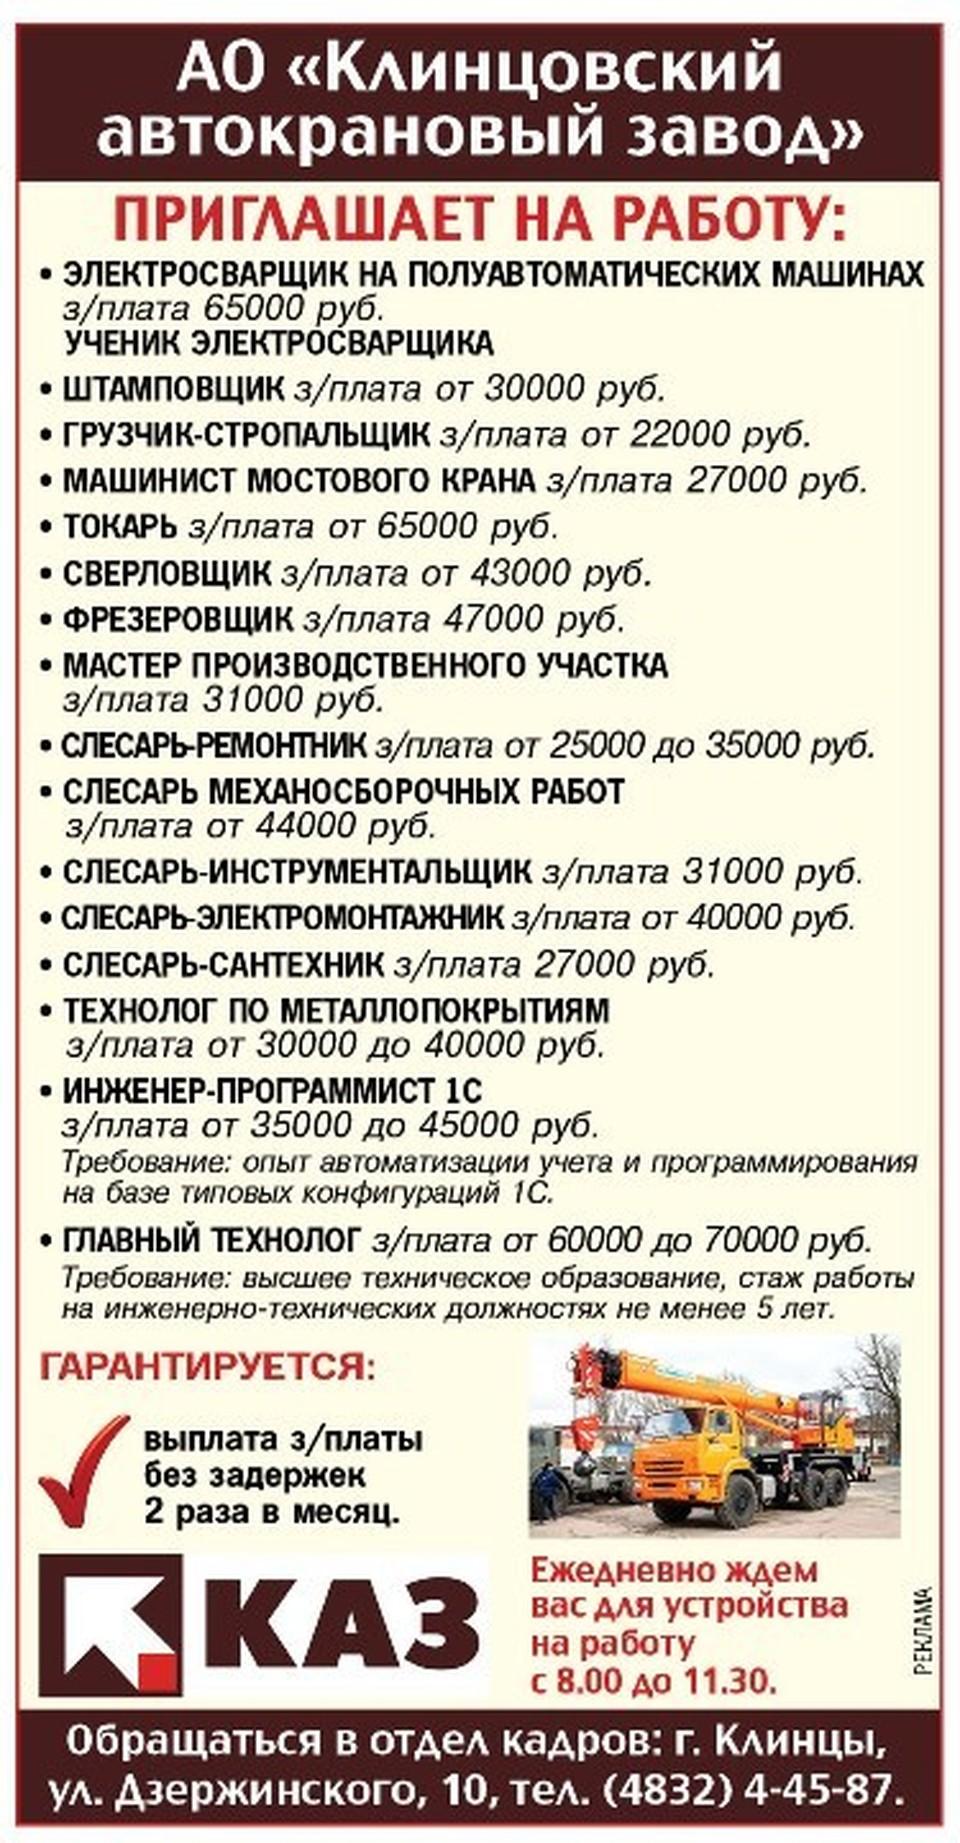 Фото: АО «Клинцовский автокрановый завод»